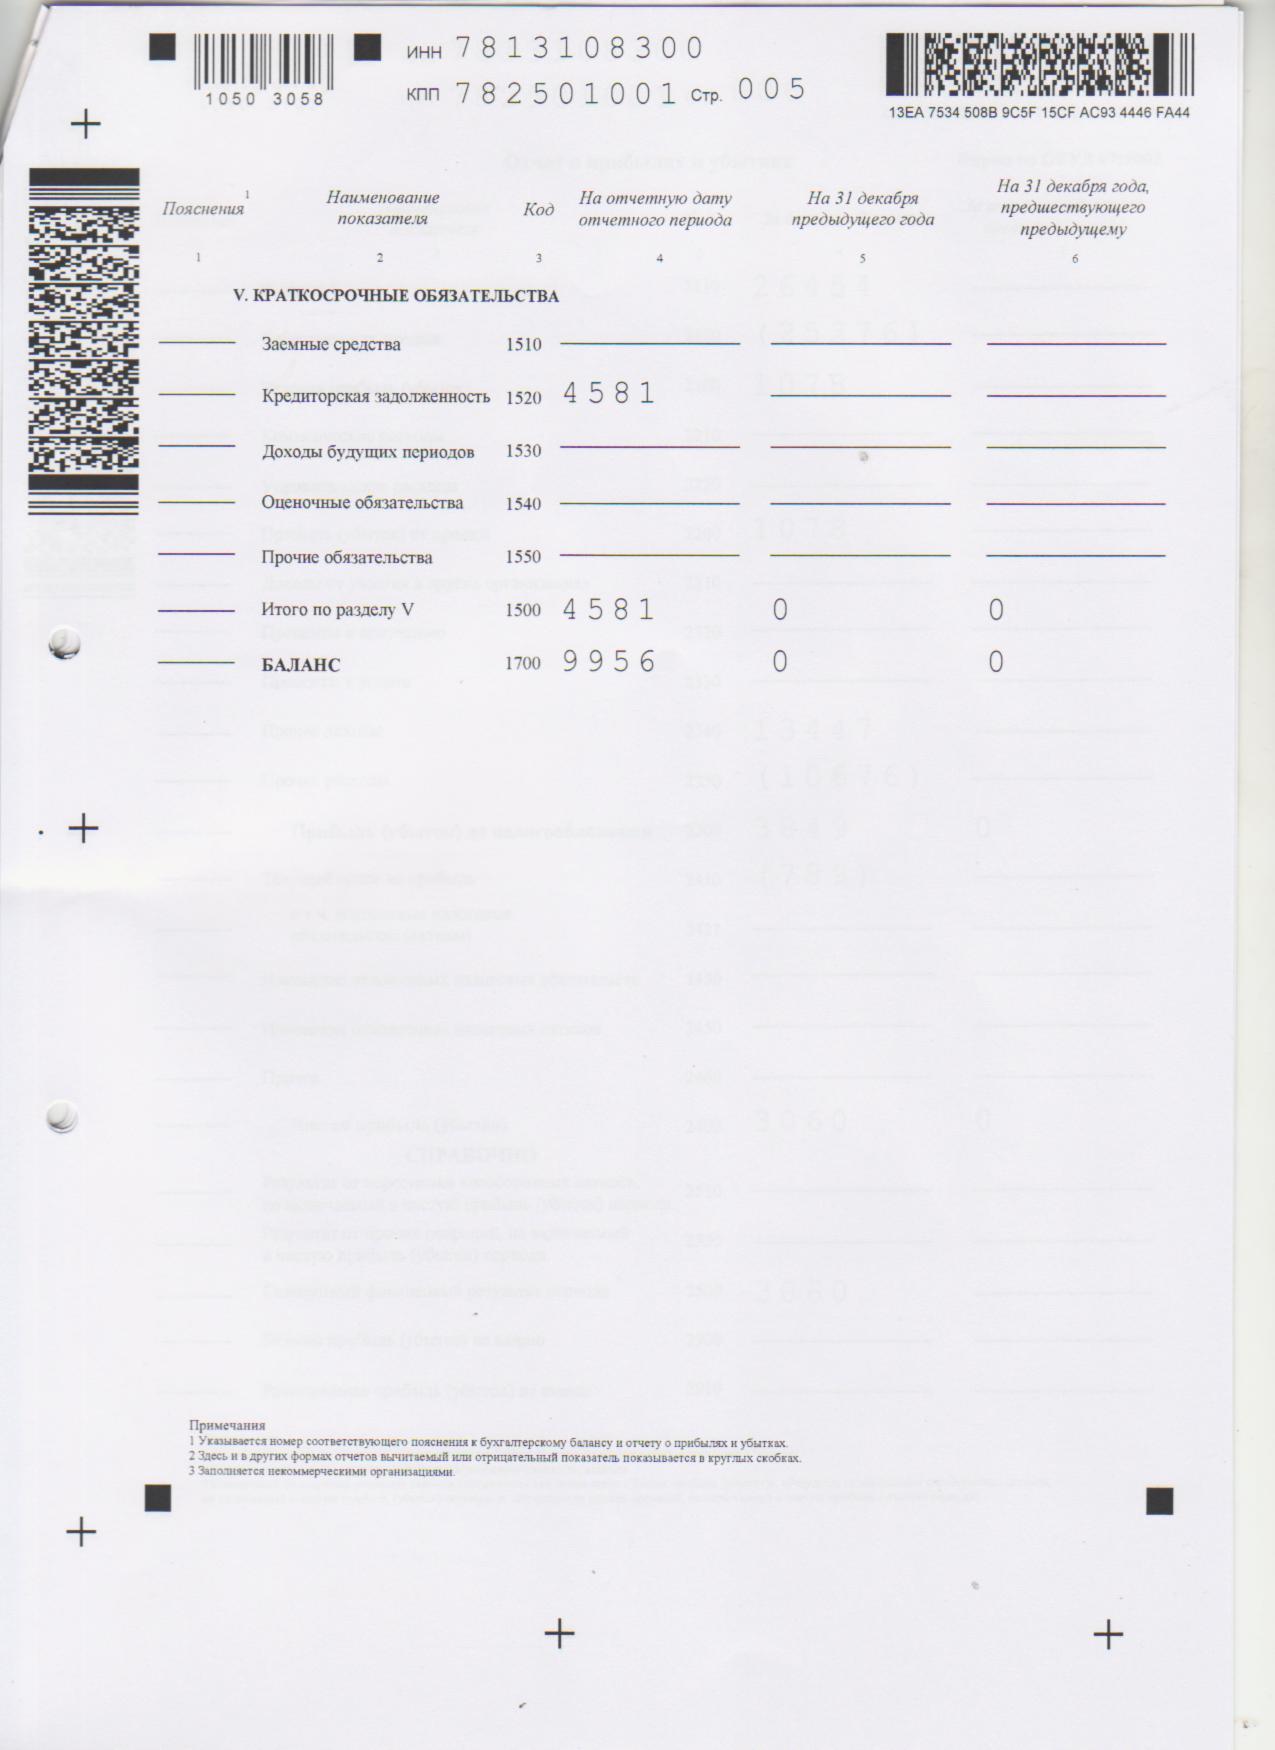 Бухгалтерская отчетность 2012 стр 5